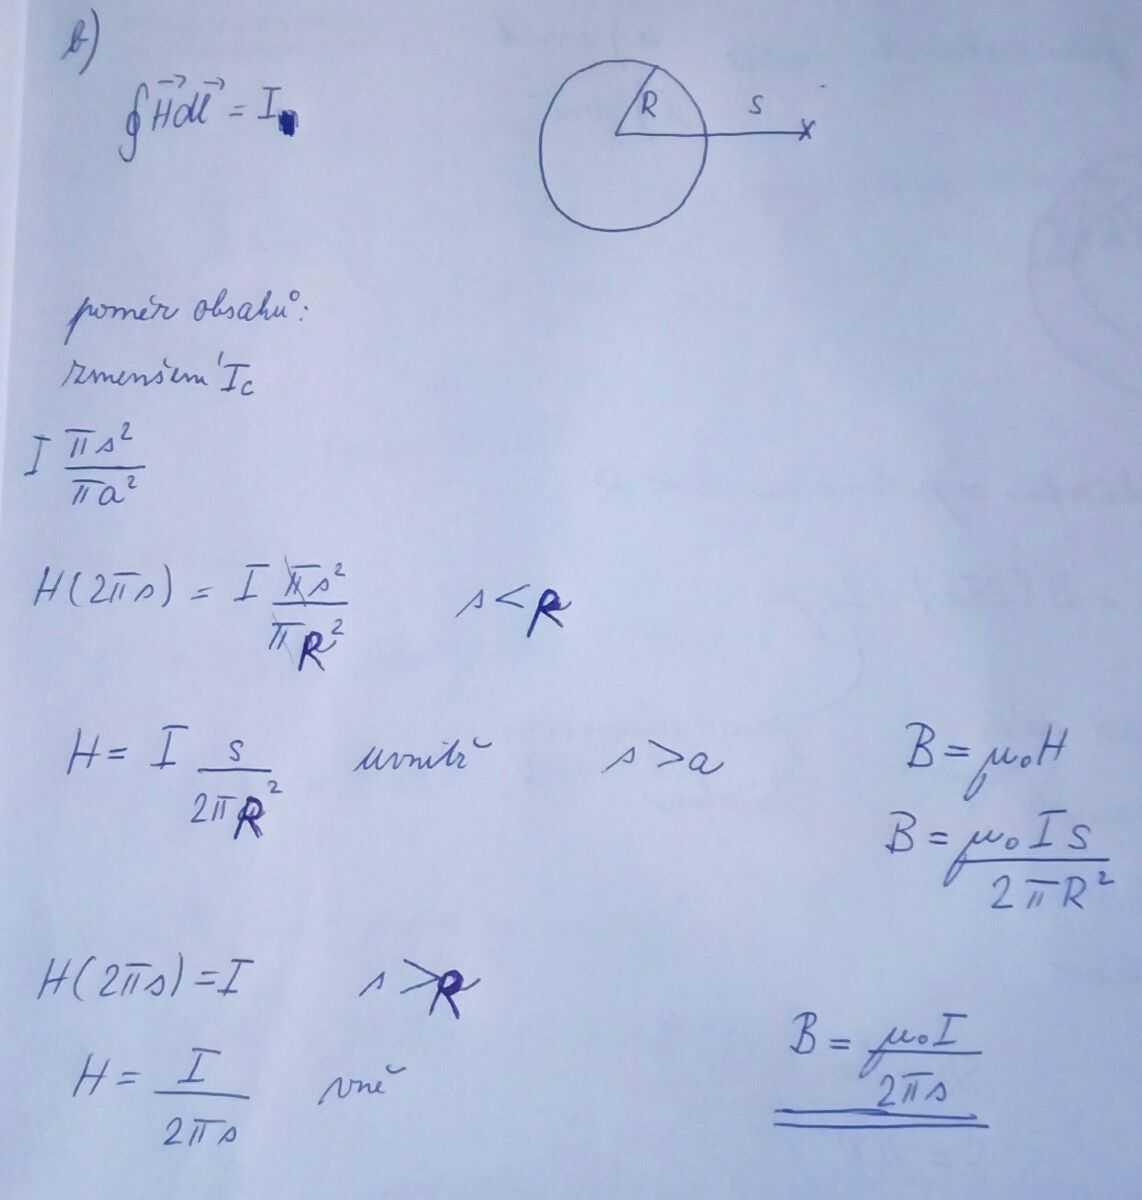 http://forum.matematika.cz/upload3/img/2017-08/70817_%255EE95438DA34A7B236D4BB55116D8114E35C853D32A2611D29DF%255Epimgpsh_fullsize_distr.jpg